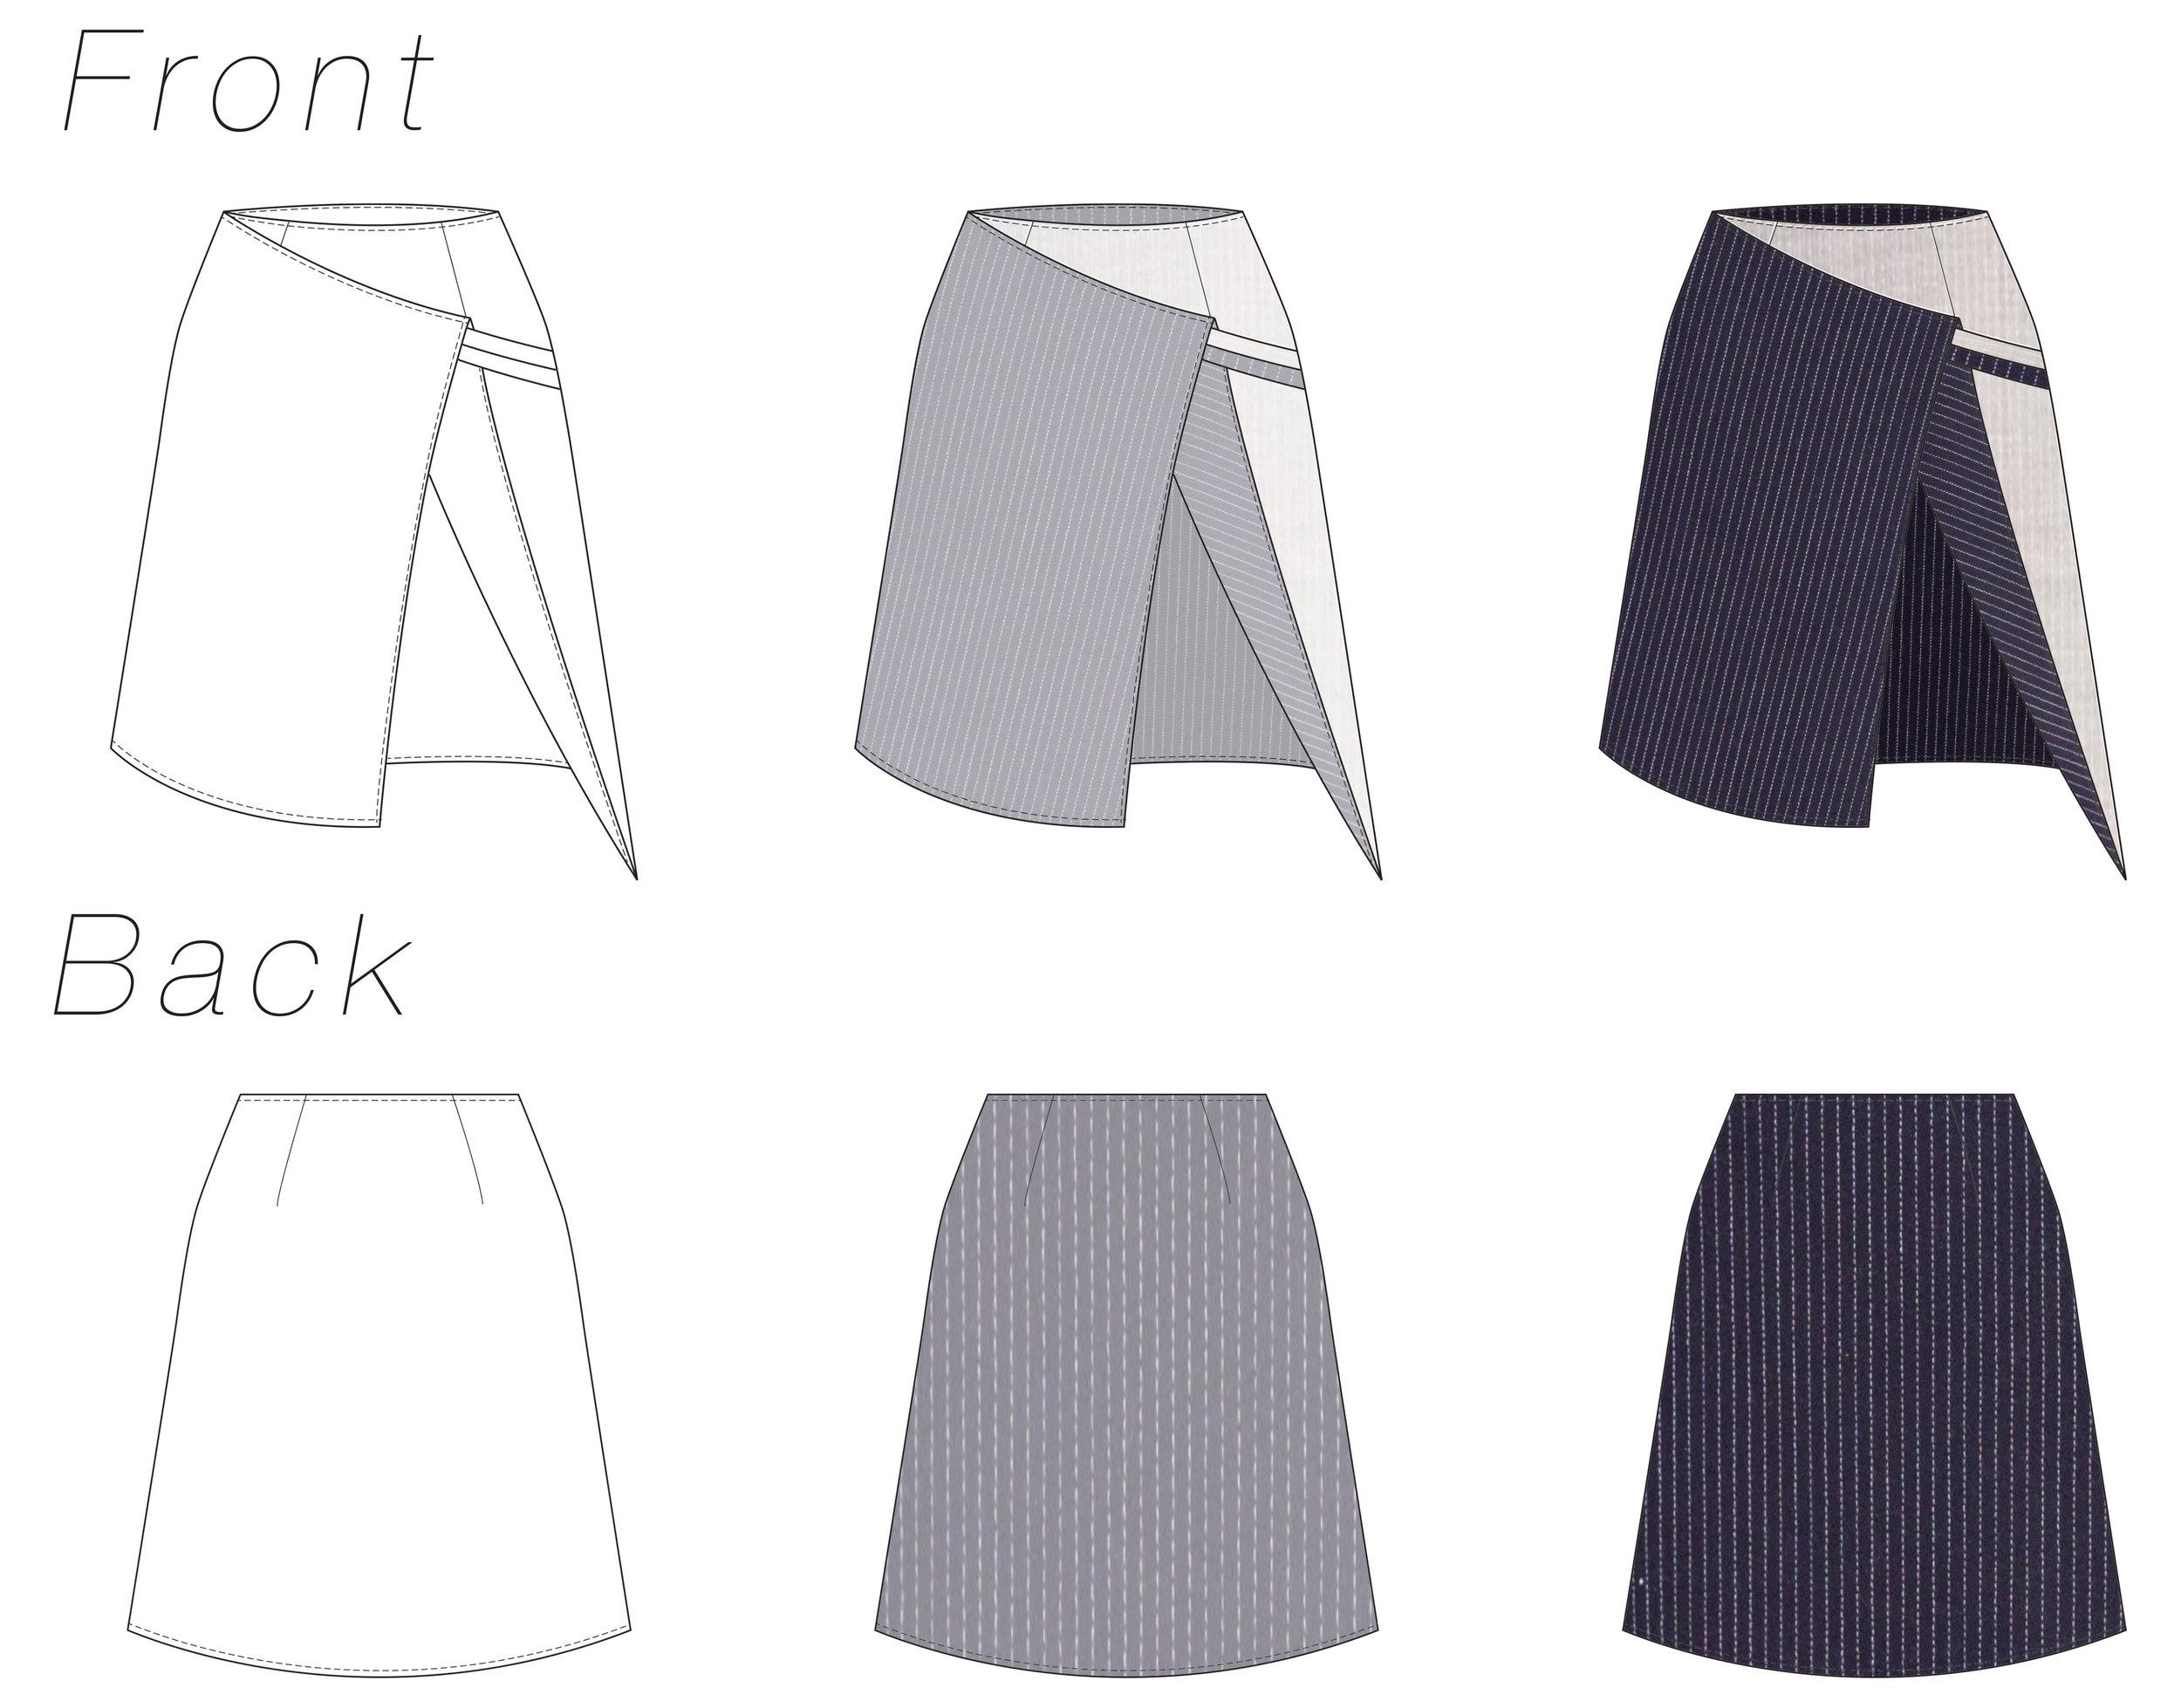 Skirt Flat.jpg